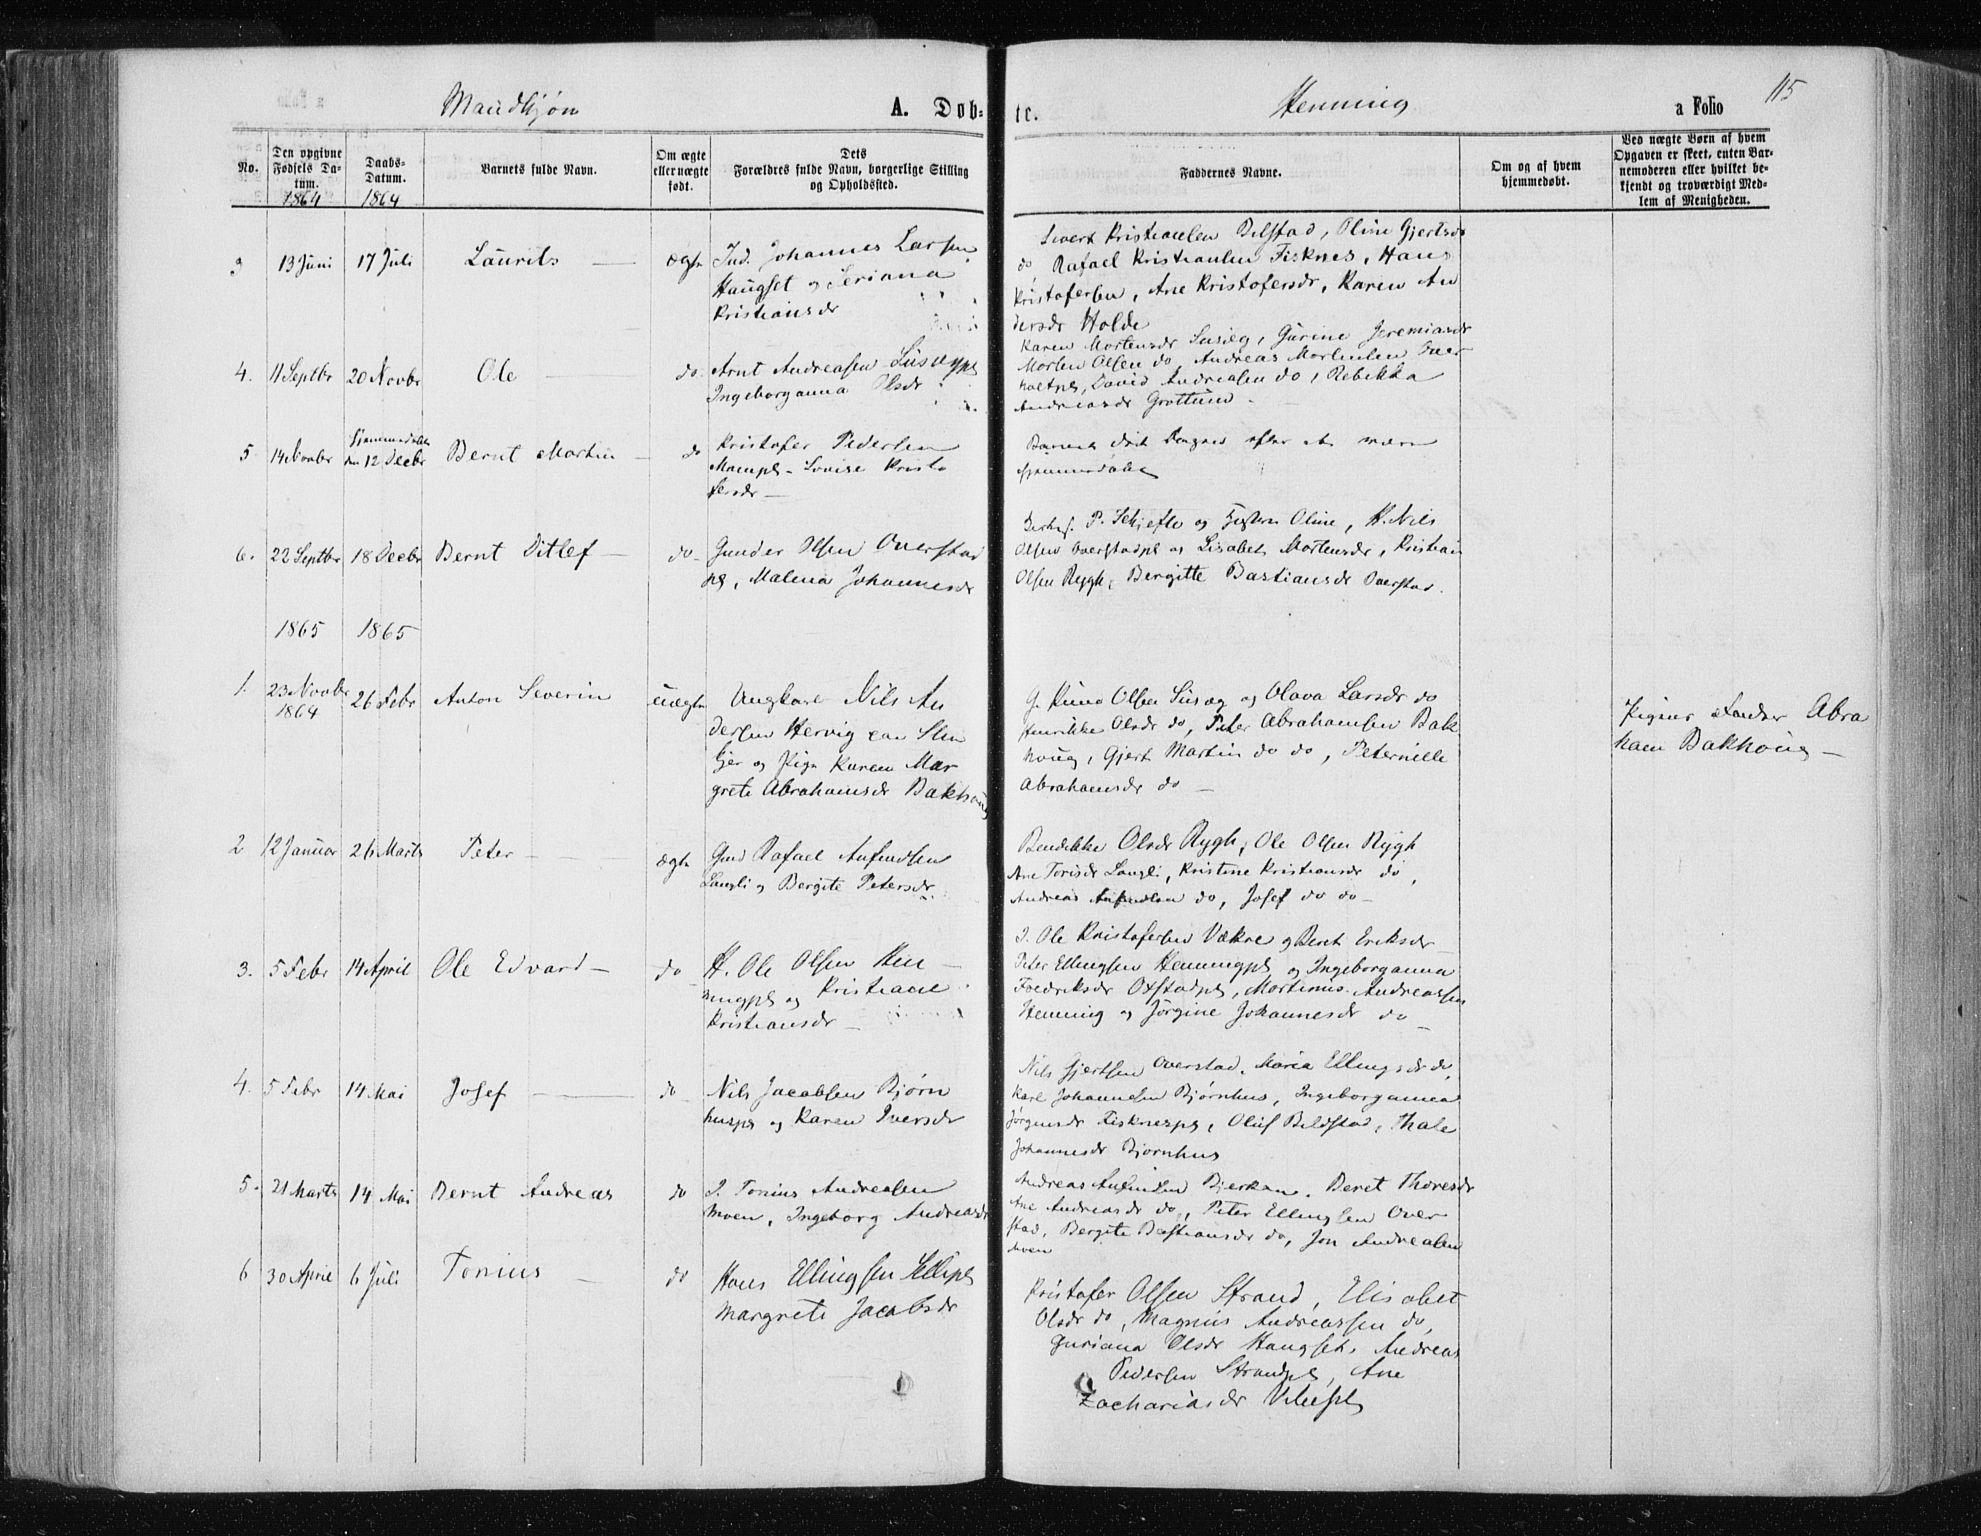 SAT, Ministerialprotokoller, klokkerbøker og fødselsregistre - Nord-Trøndelag, 735/L0345: Ministerialbok nr. 735A08 /3, 1863-1872, s. 115